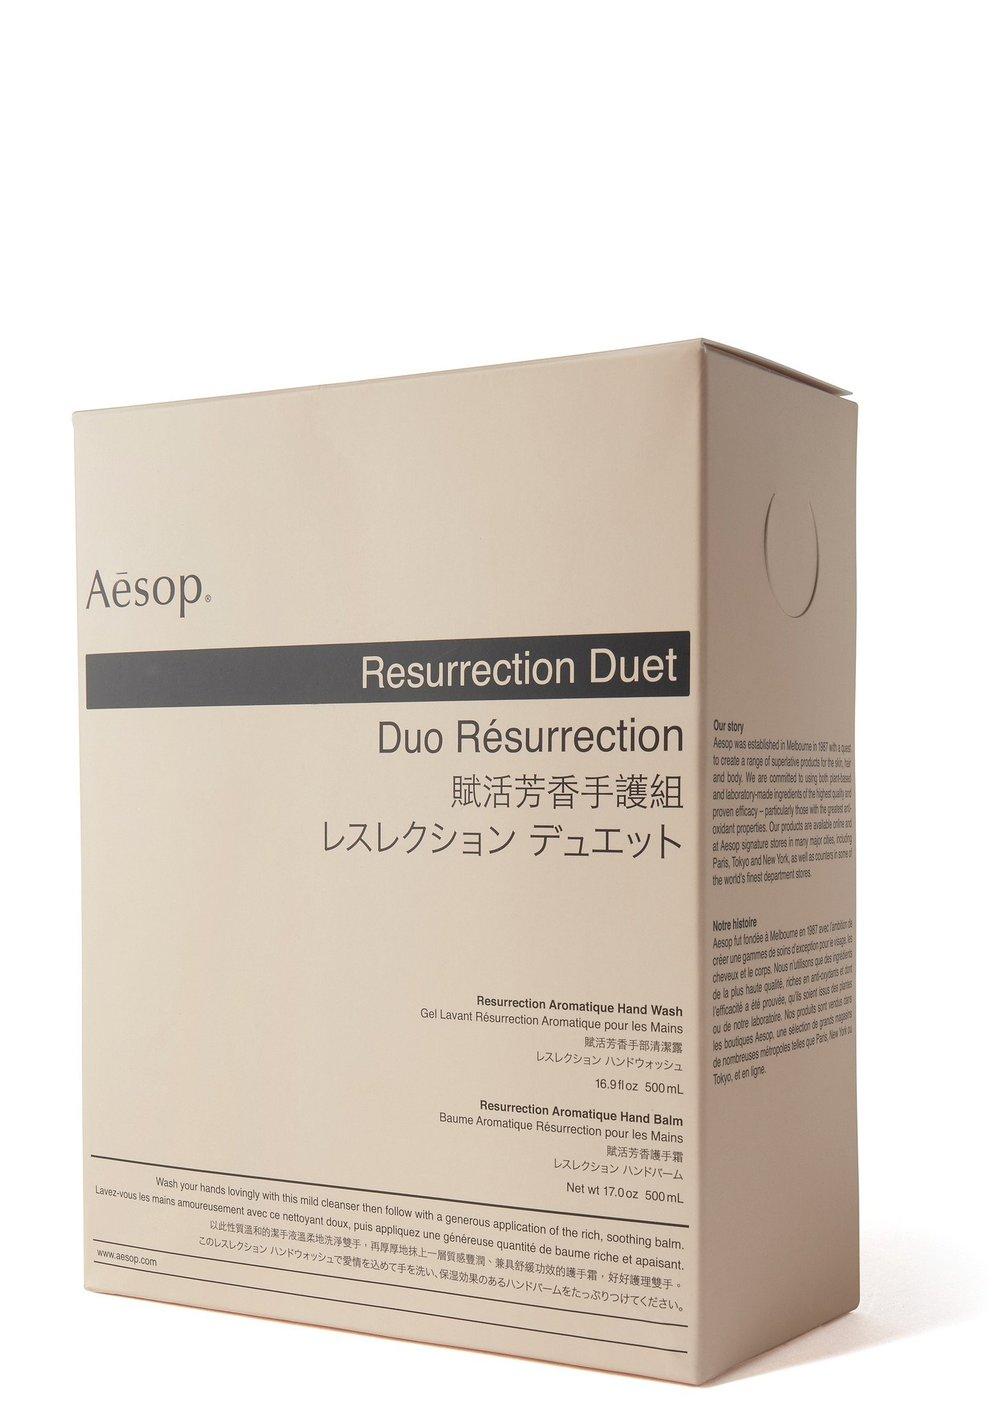 Aesop_ResurrectionDuet